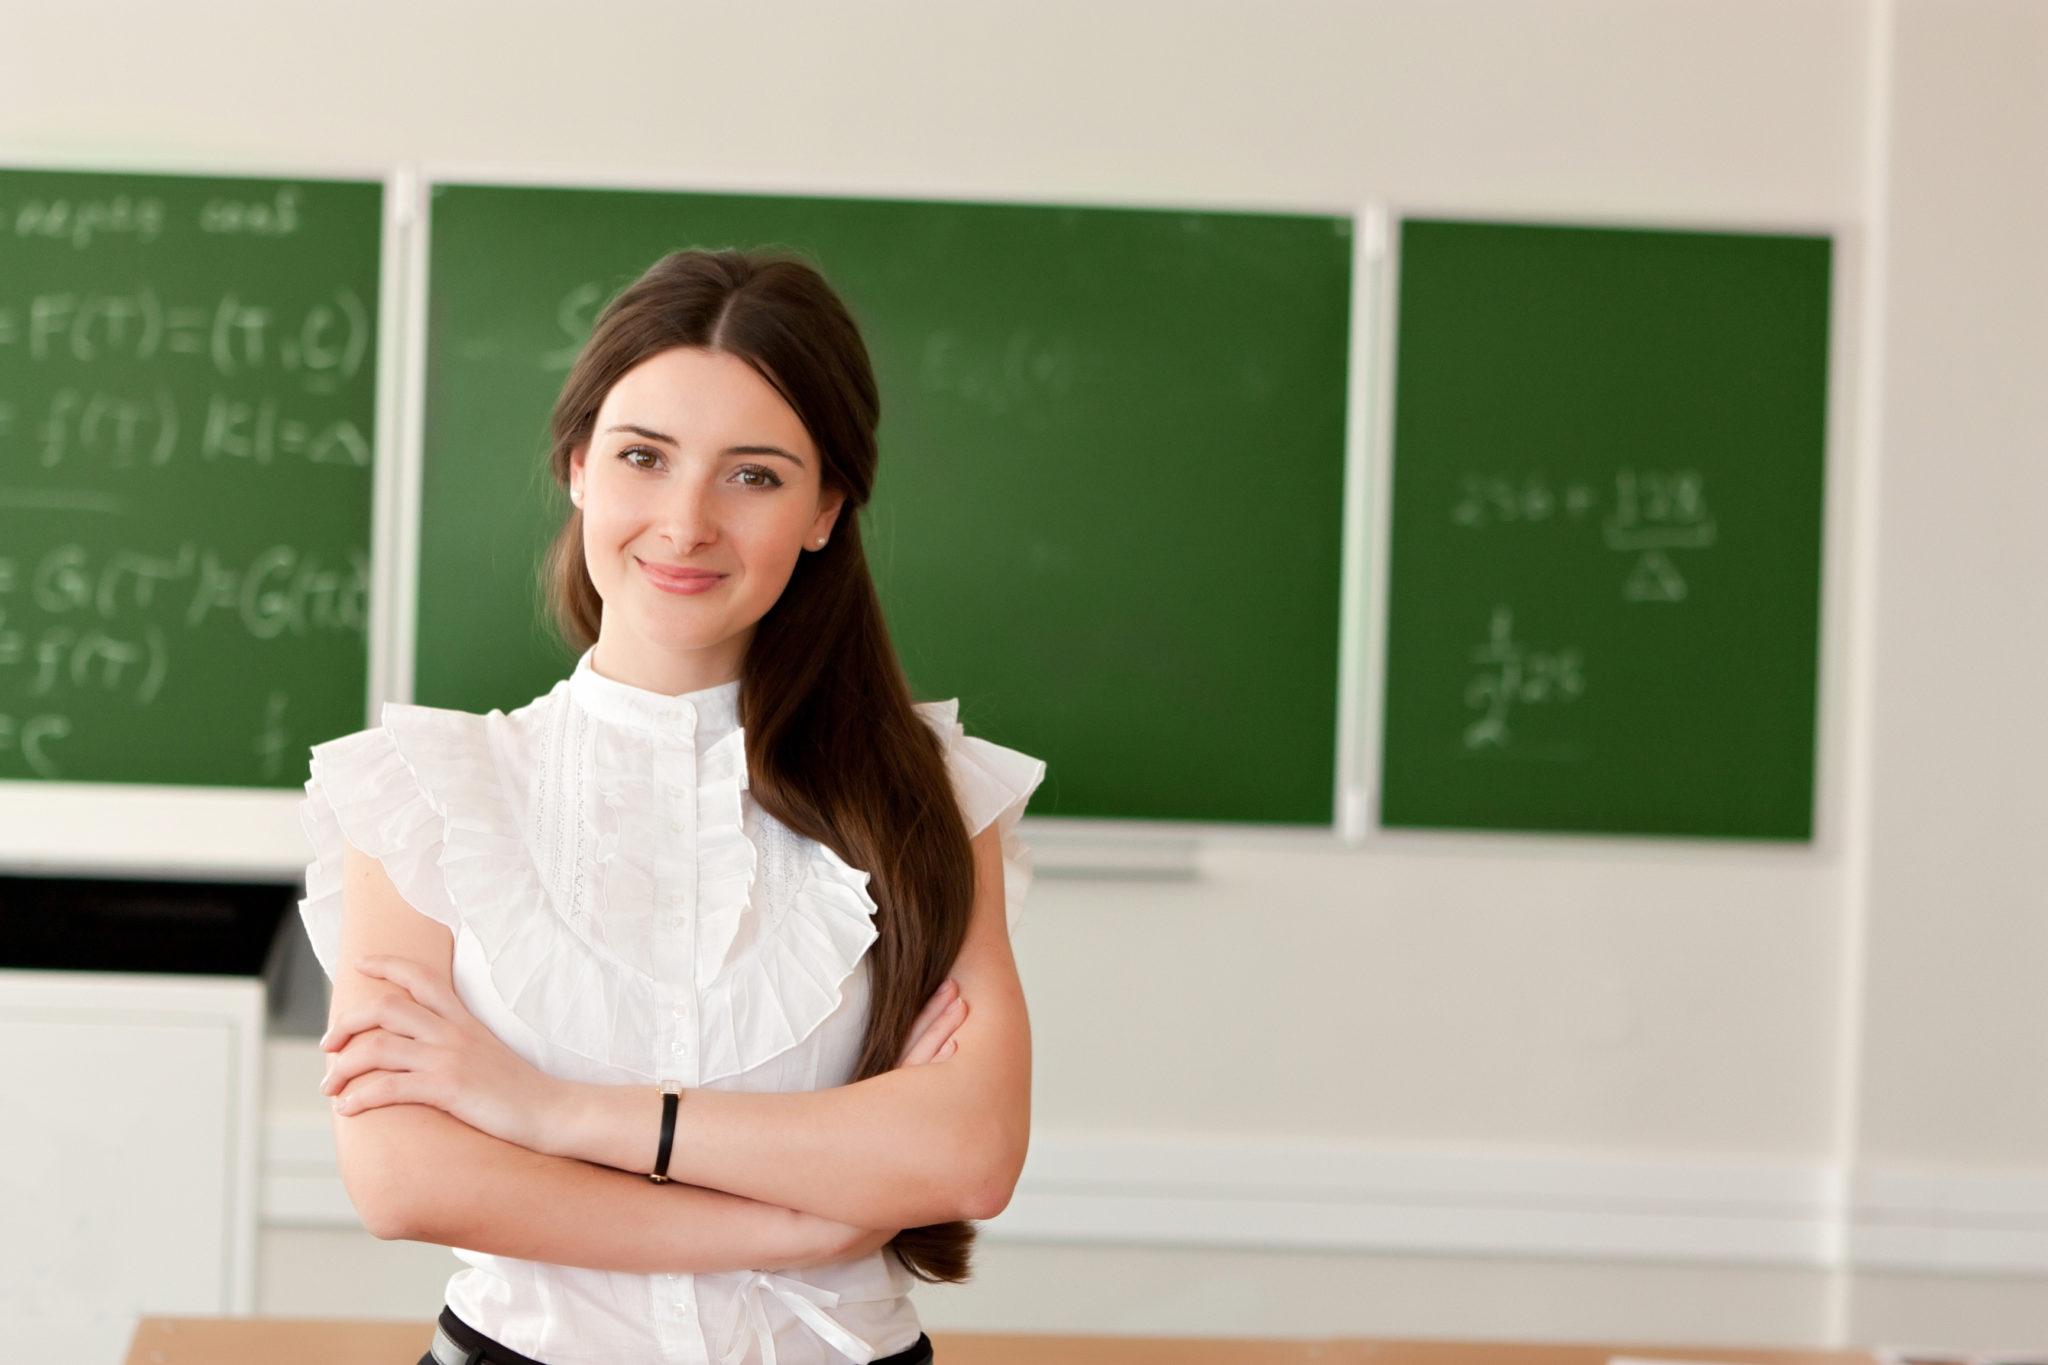 Buscas Empleo de Profesor de Secundaria? Traemos un Nuevo Trabajo de Profesor en Madrid - No te pierdas nuestros Empleos de Profesor Diarios - CVEXPRES